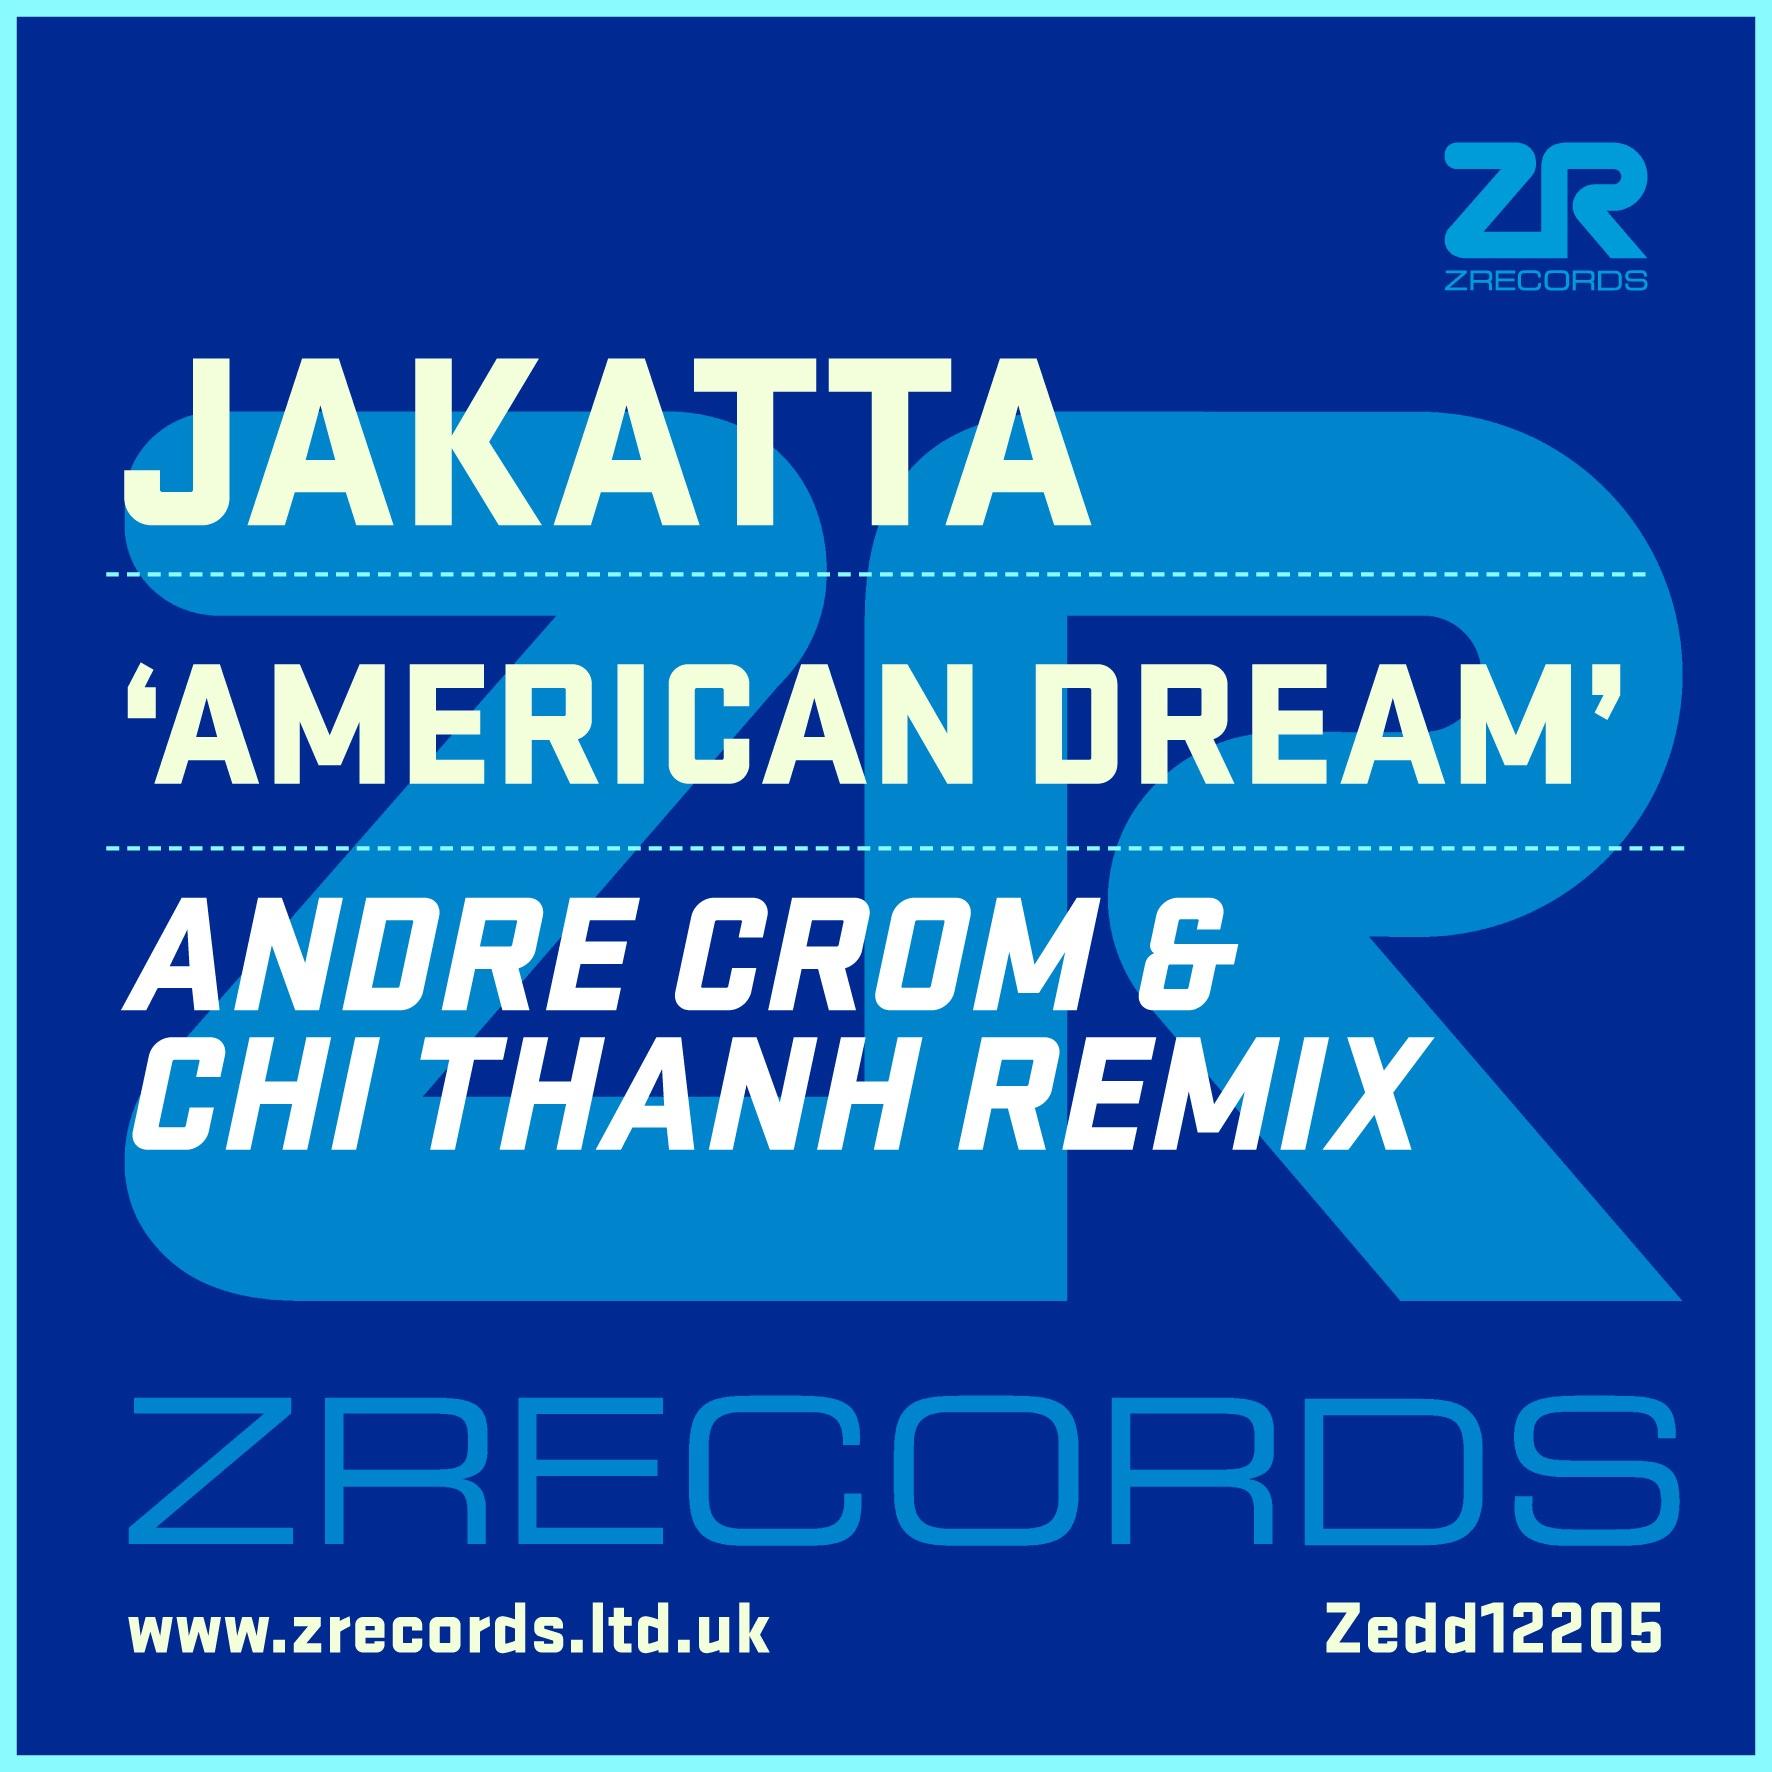 JakattaAmerican Dream Lyrics  LyricWiki